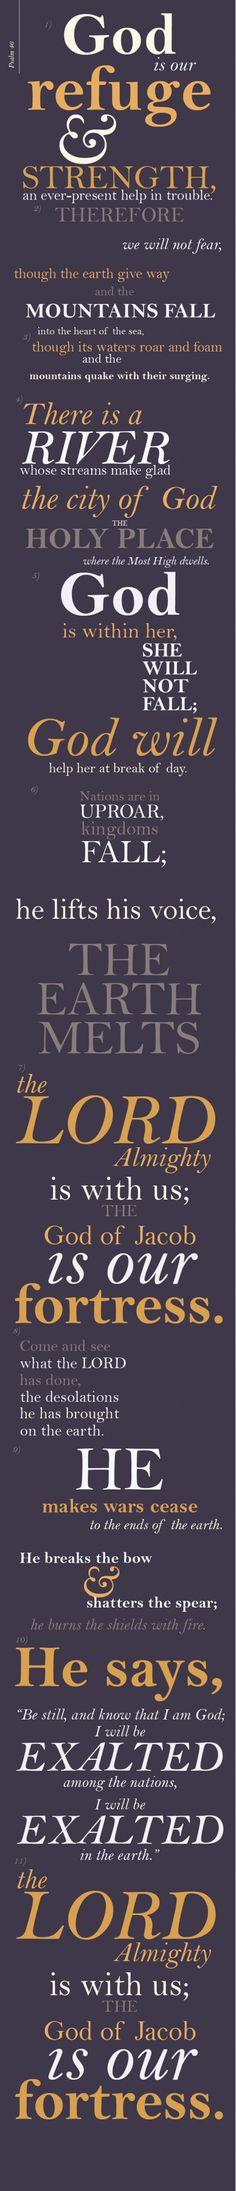 Salmo 46:1 - 3 Dios es nuestro amparo y fortaleza, nuestro pronto auxilio en las tribulaciones. Por tanto, no temeremos, aunque la tierra sea removida, y se traspasen los montes al corazón del mar; aunque bramen los montes a causa de su braveza.